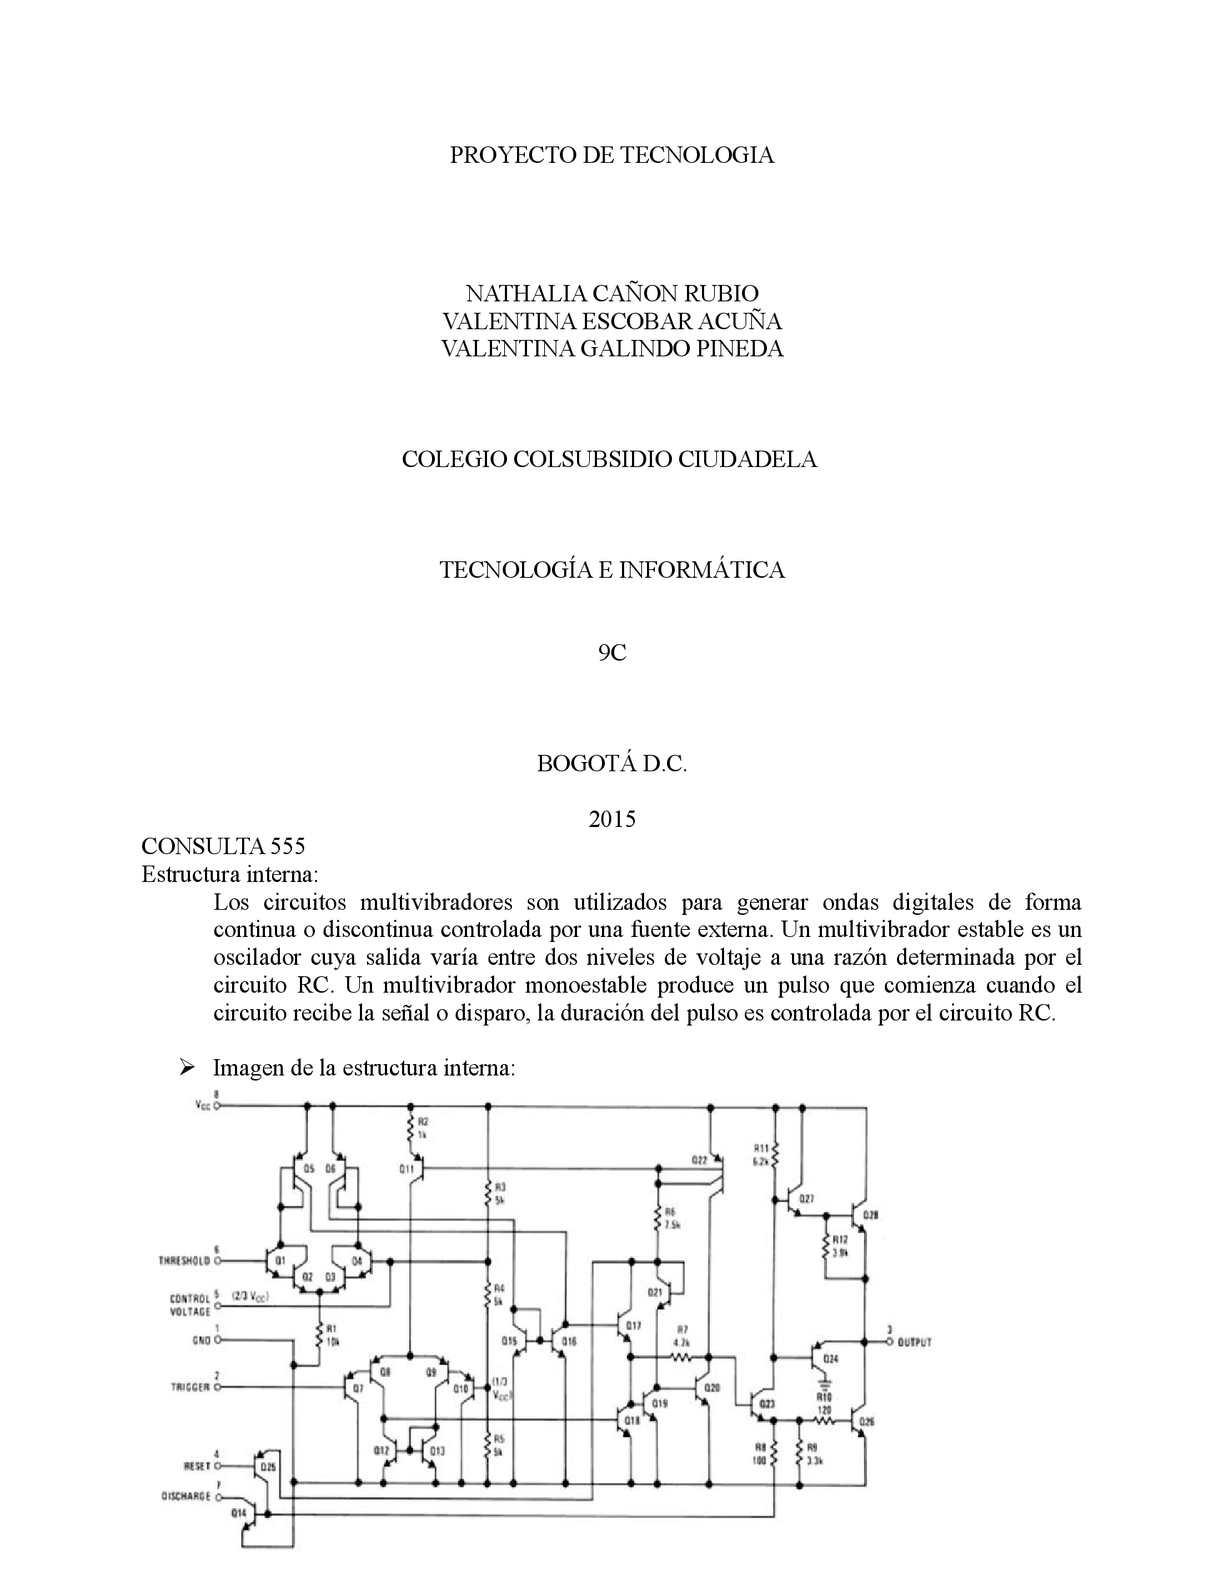 Circuito Rc : Calaméo proyecto de tecnologia